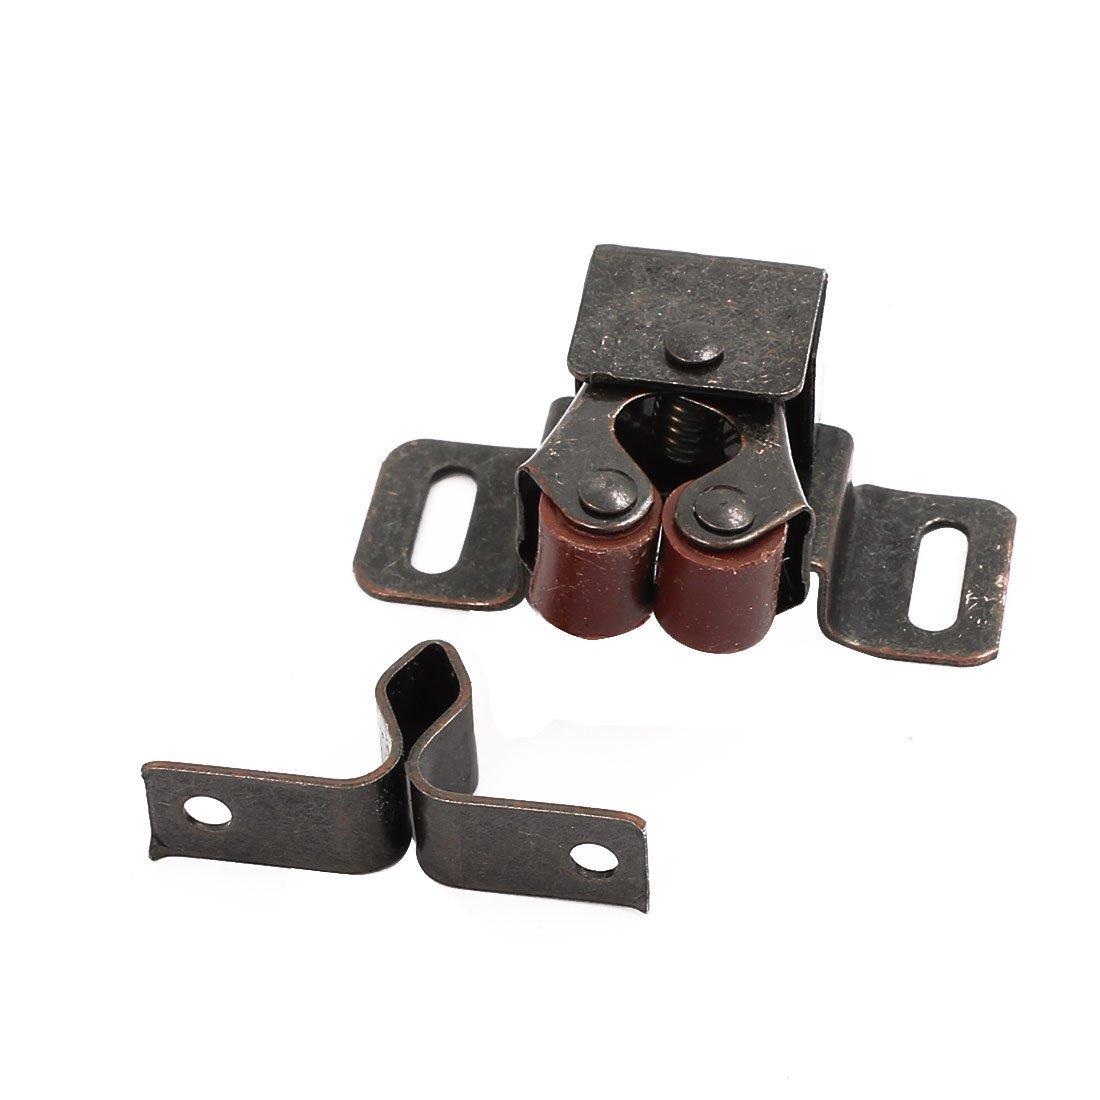 eDealMax Armoire Cabinet Porte Double roulement à Rouleaux Catch 46x30x20mm Loquet 15pcs Bronze